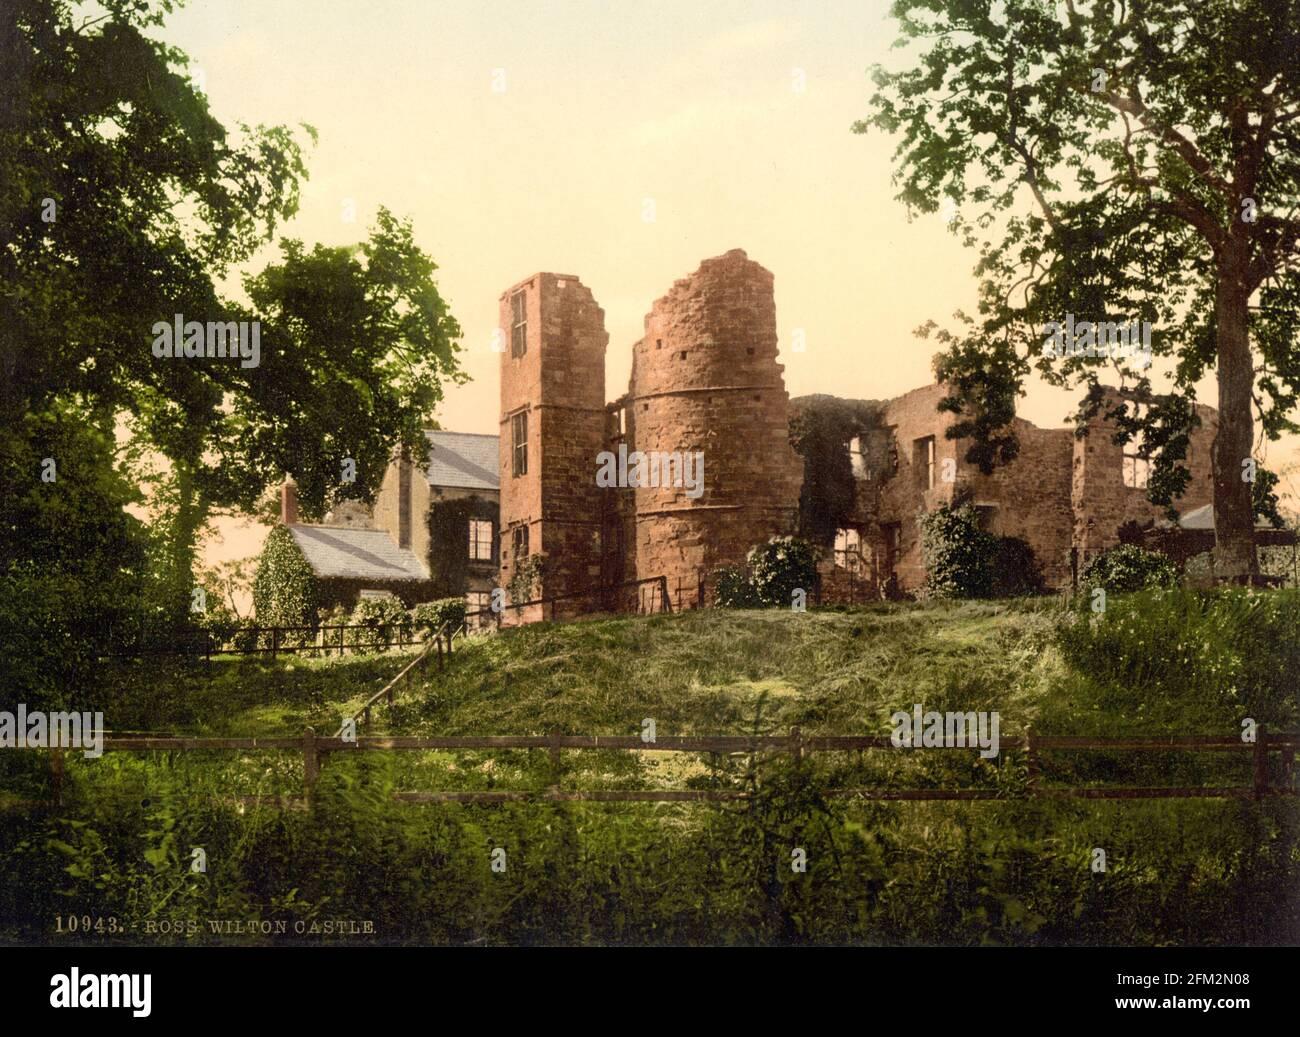 Schloss Wilton in der Nähe von Ross-on-Wye, Herefordshire, um 1890-1900 Stockfoto